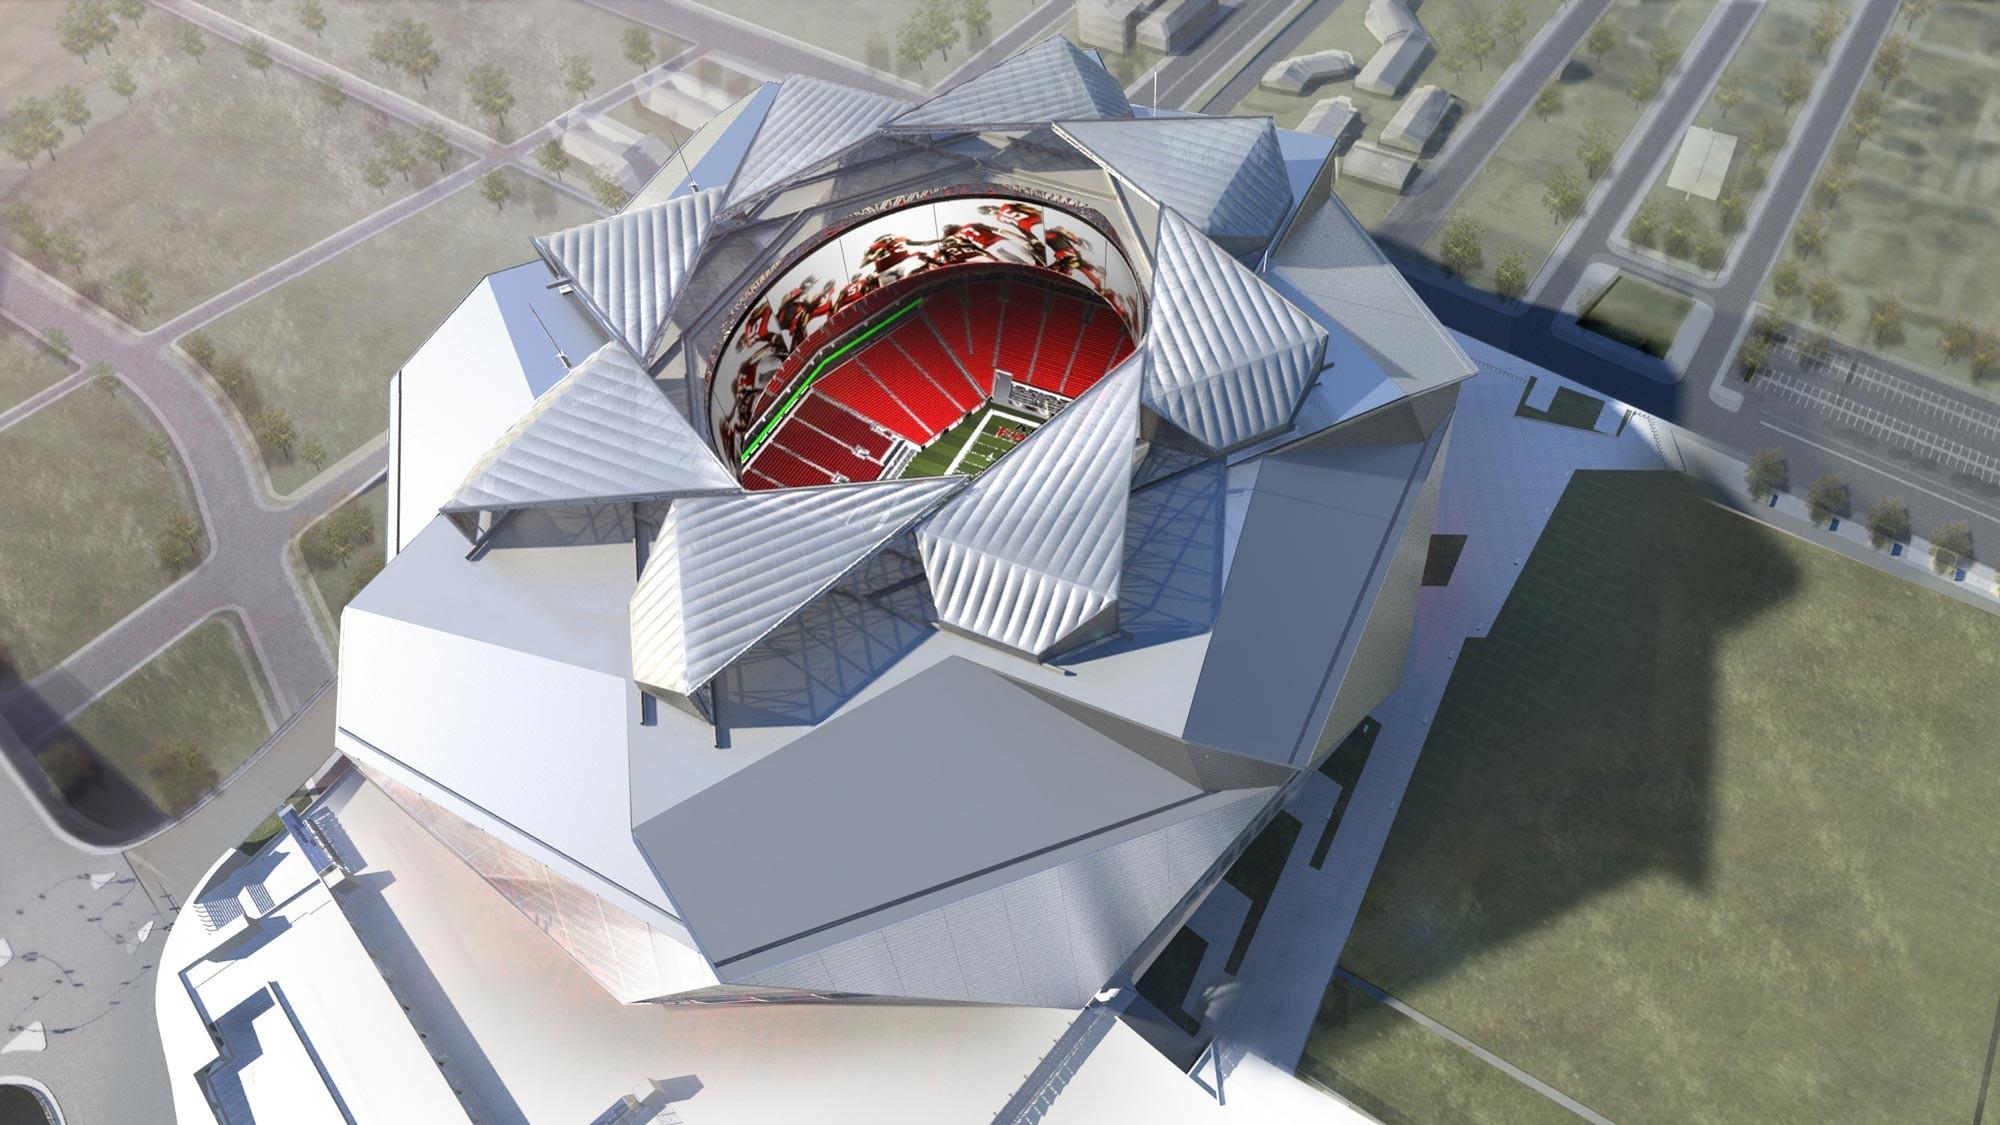 La cubierta retráctil diseñada por 360 Architecture para el nuevo Estadio de Atlanta, Cortesía de New Atlanta Stadium